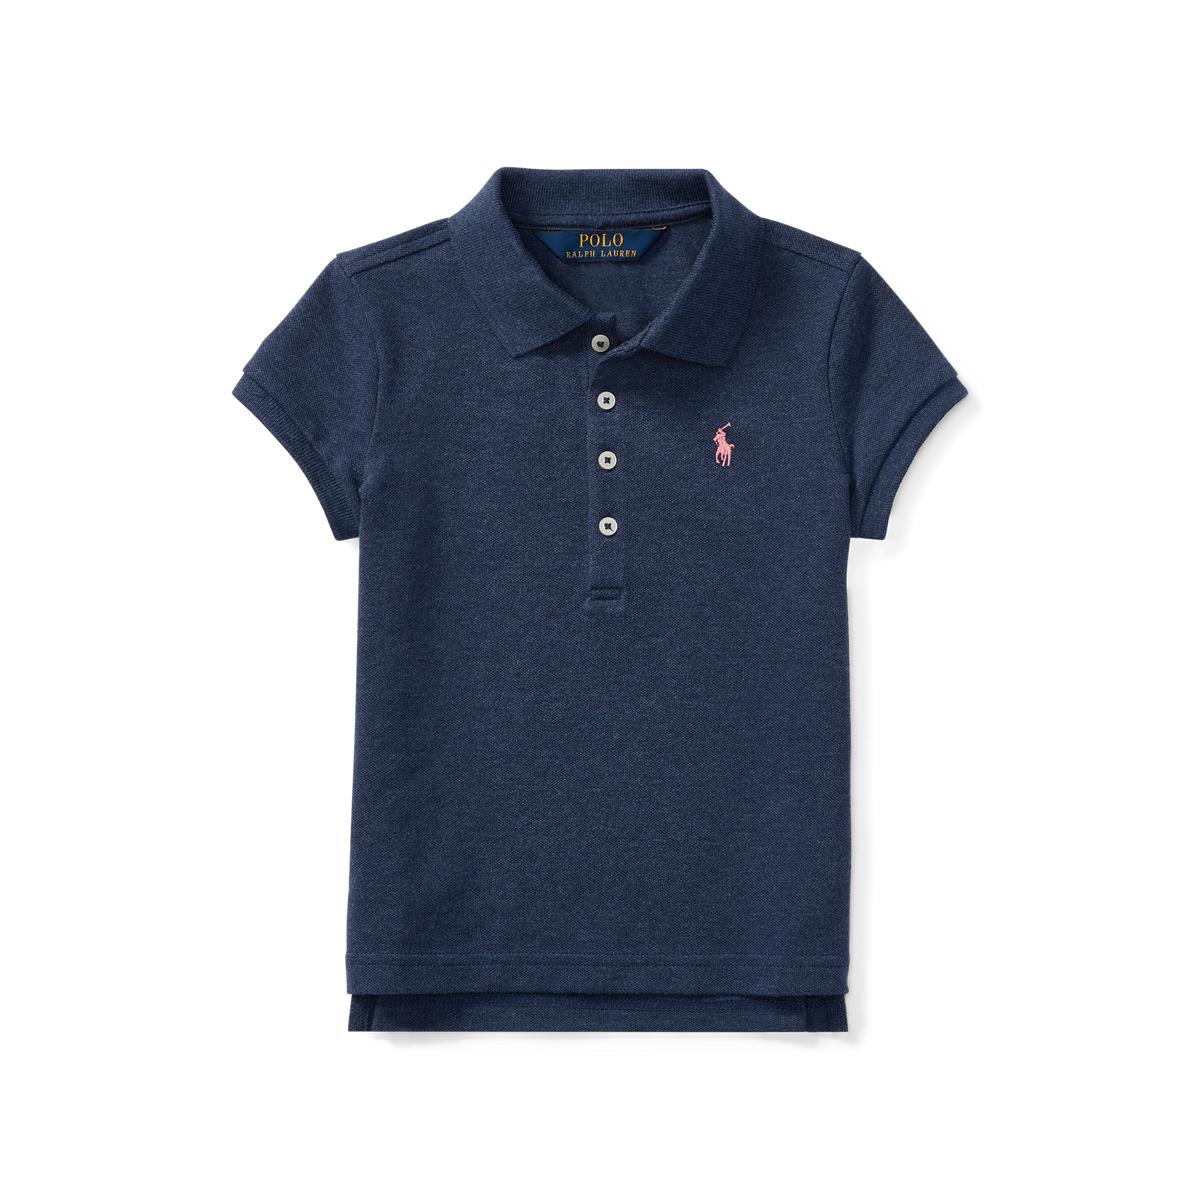 3 3T Ralph Lauren Girls Elongated Polo Shirt Top